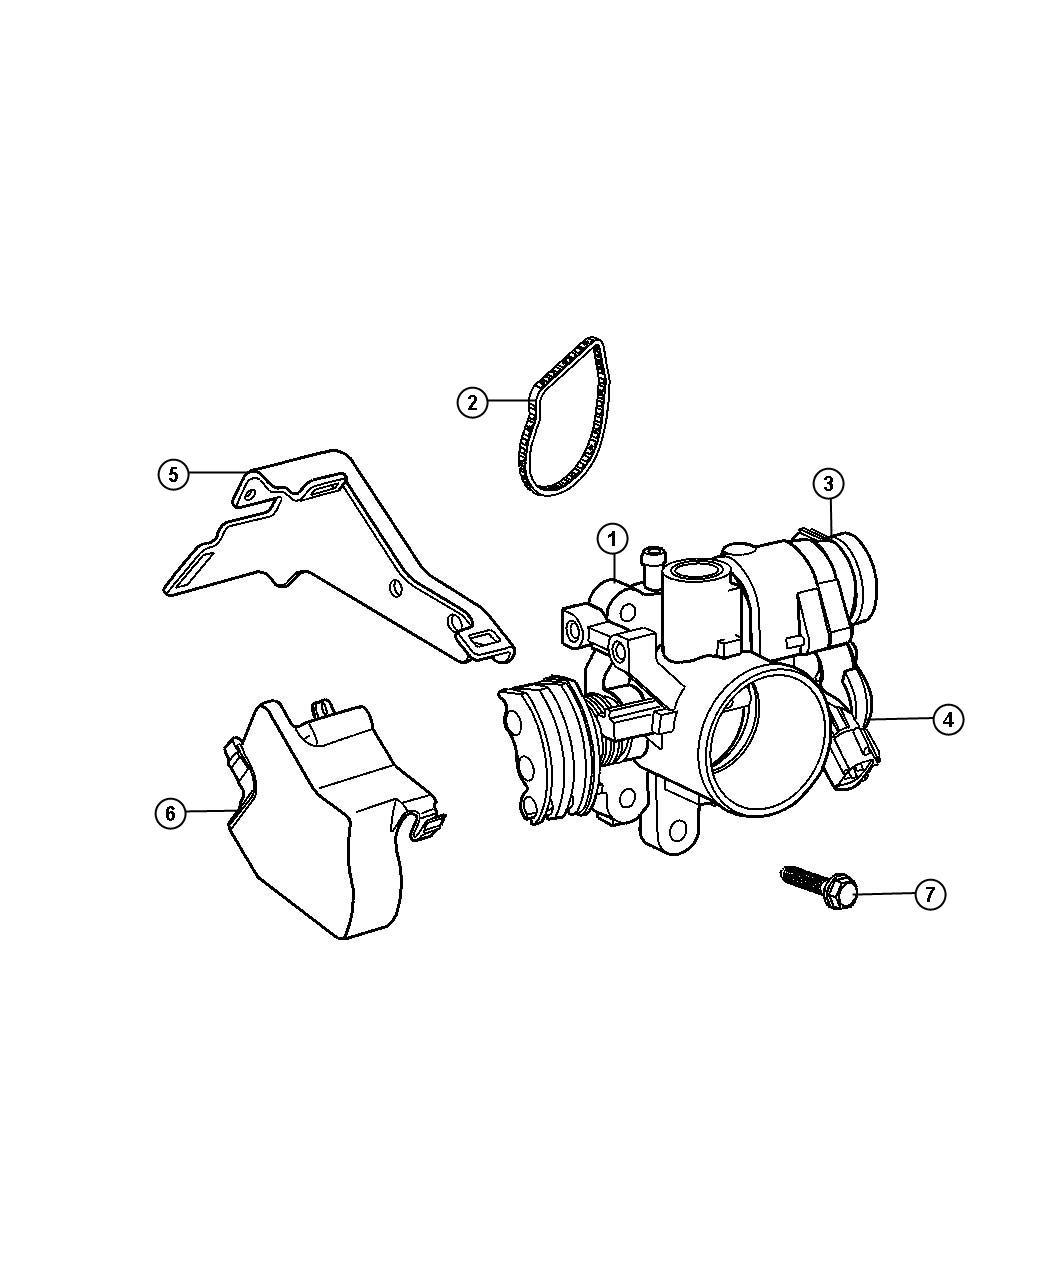 2007 Chrysler Sensor. Throttle position. Ejdedzedtedv